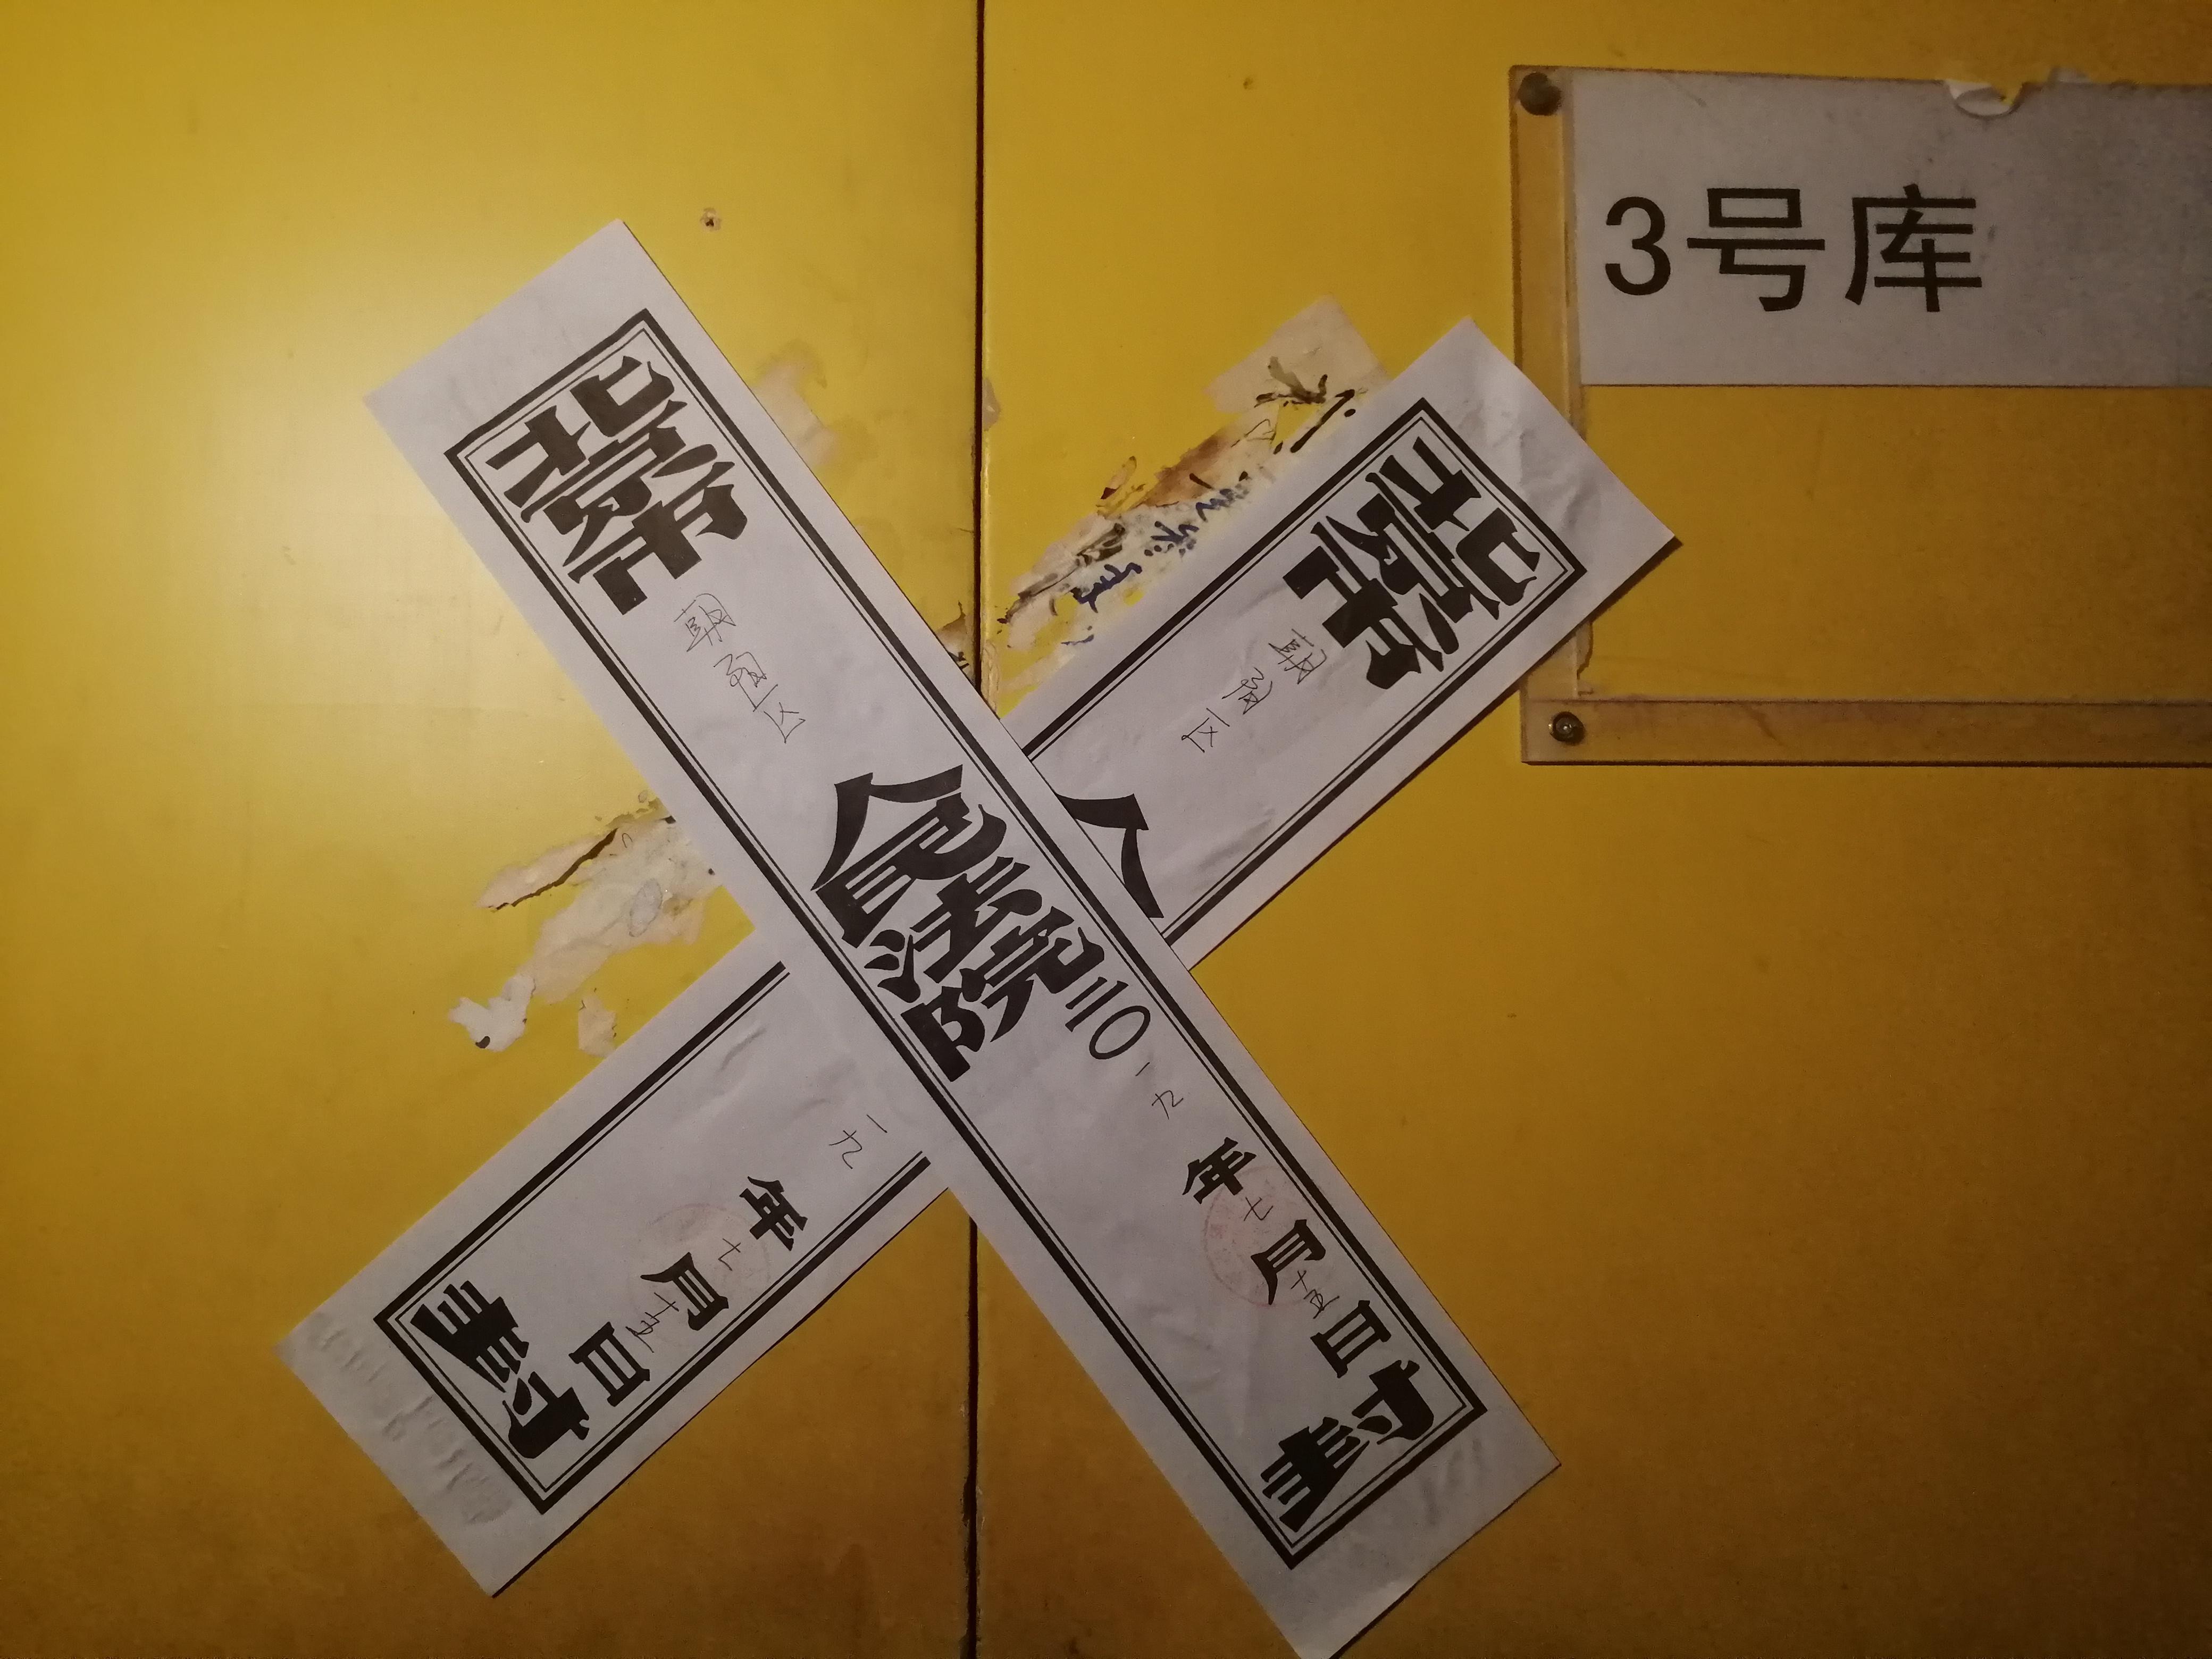 http://www.beaconitnl.com/zhengwu/255394.html